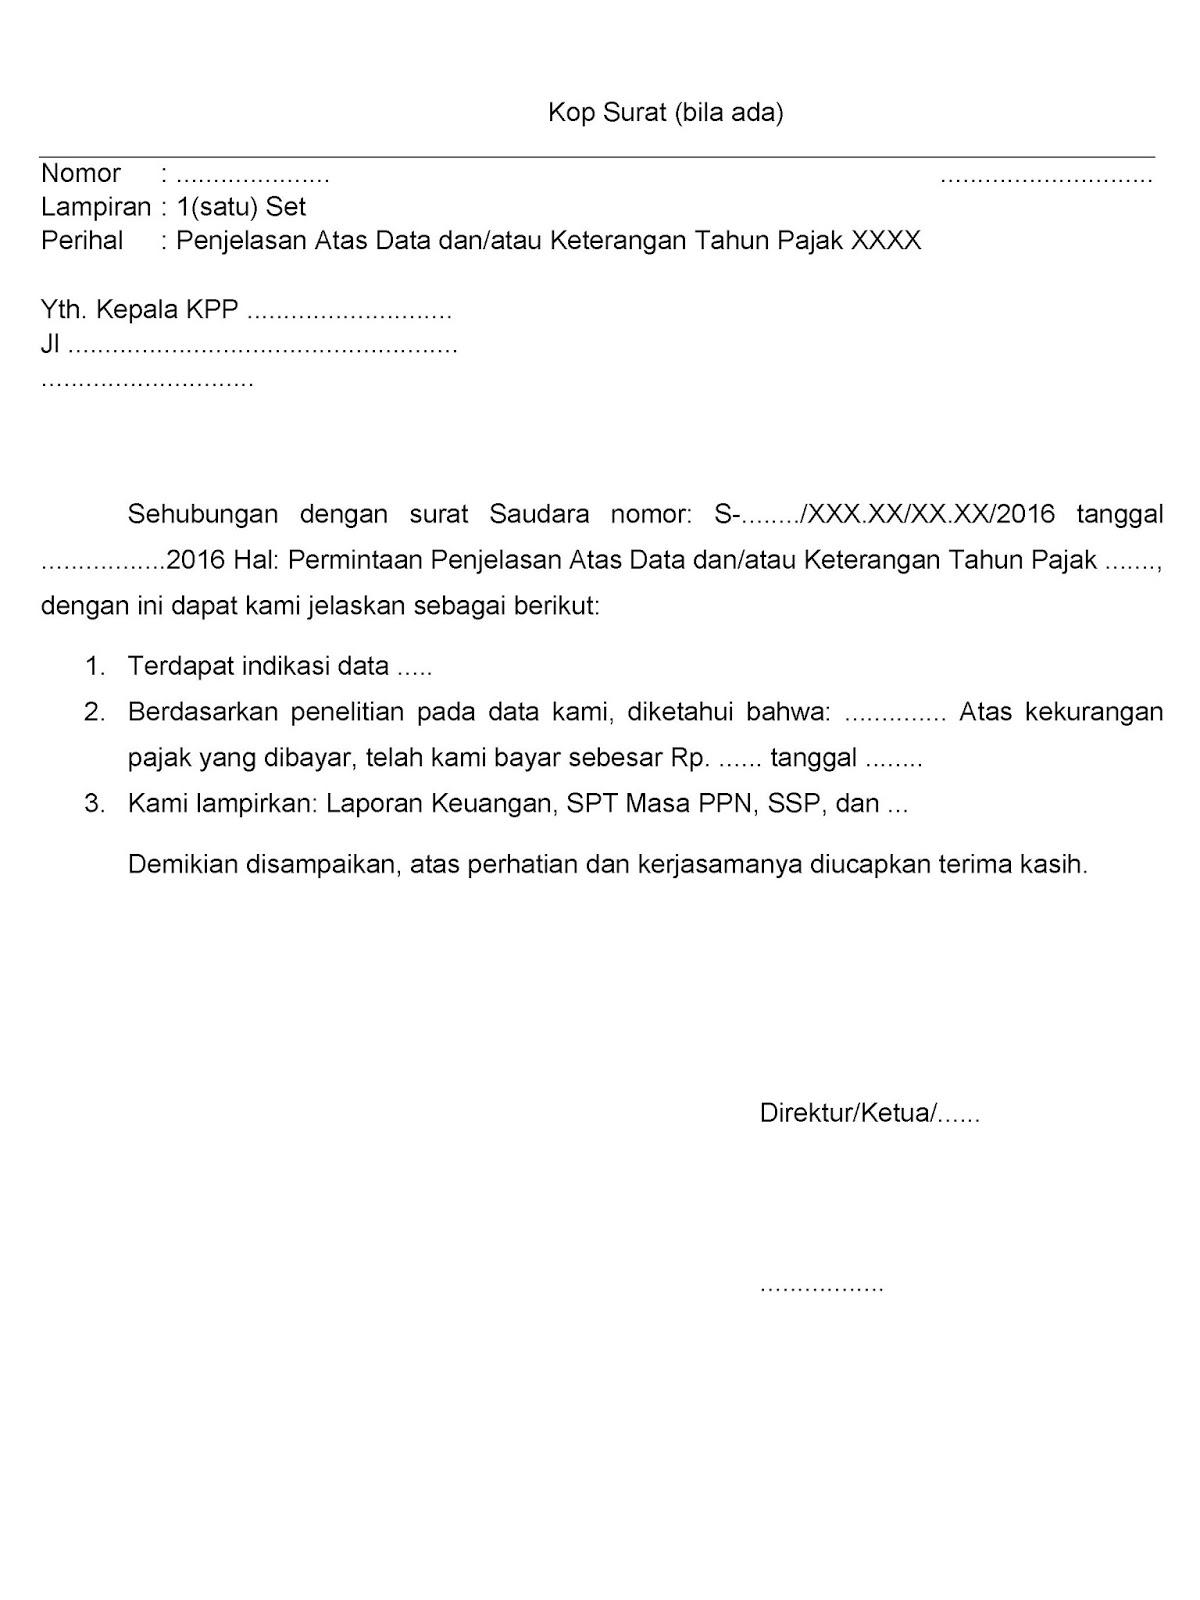 konsep jawaban surat permintaan data dan atau keterangan dari kantor pelayanan pajak